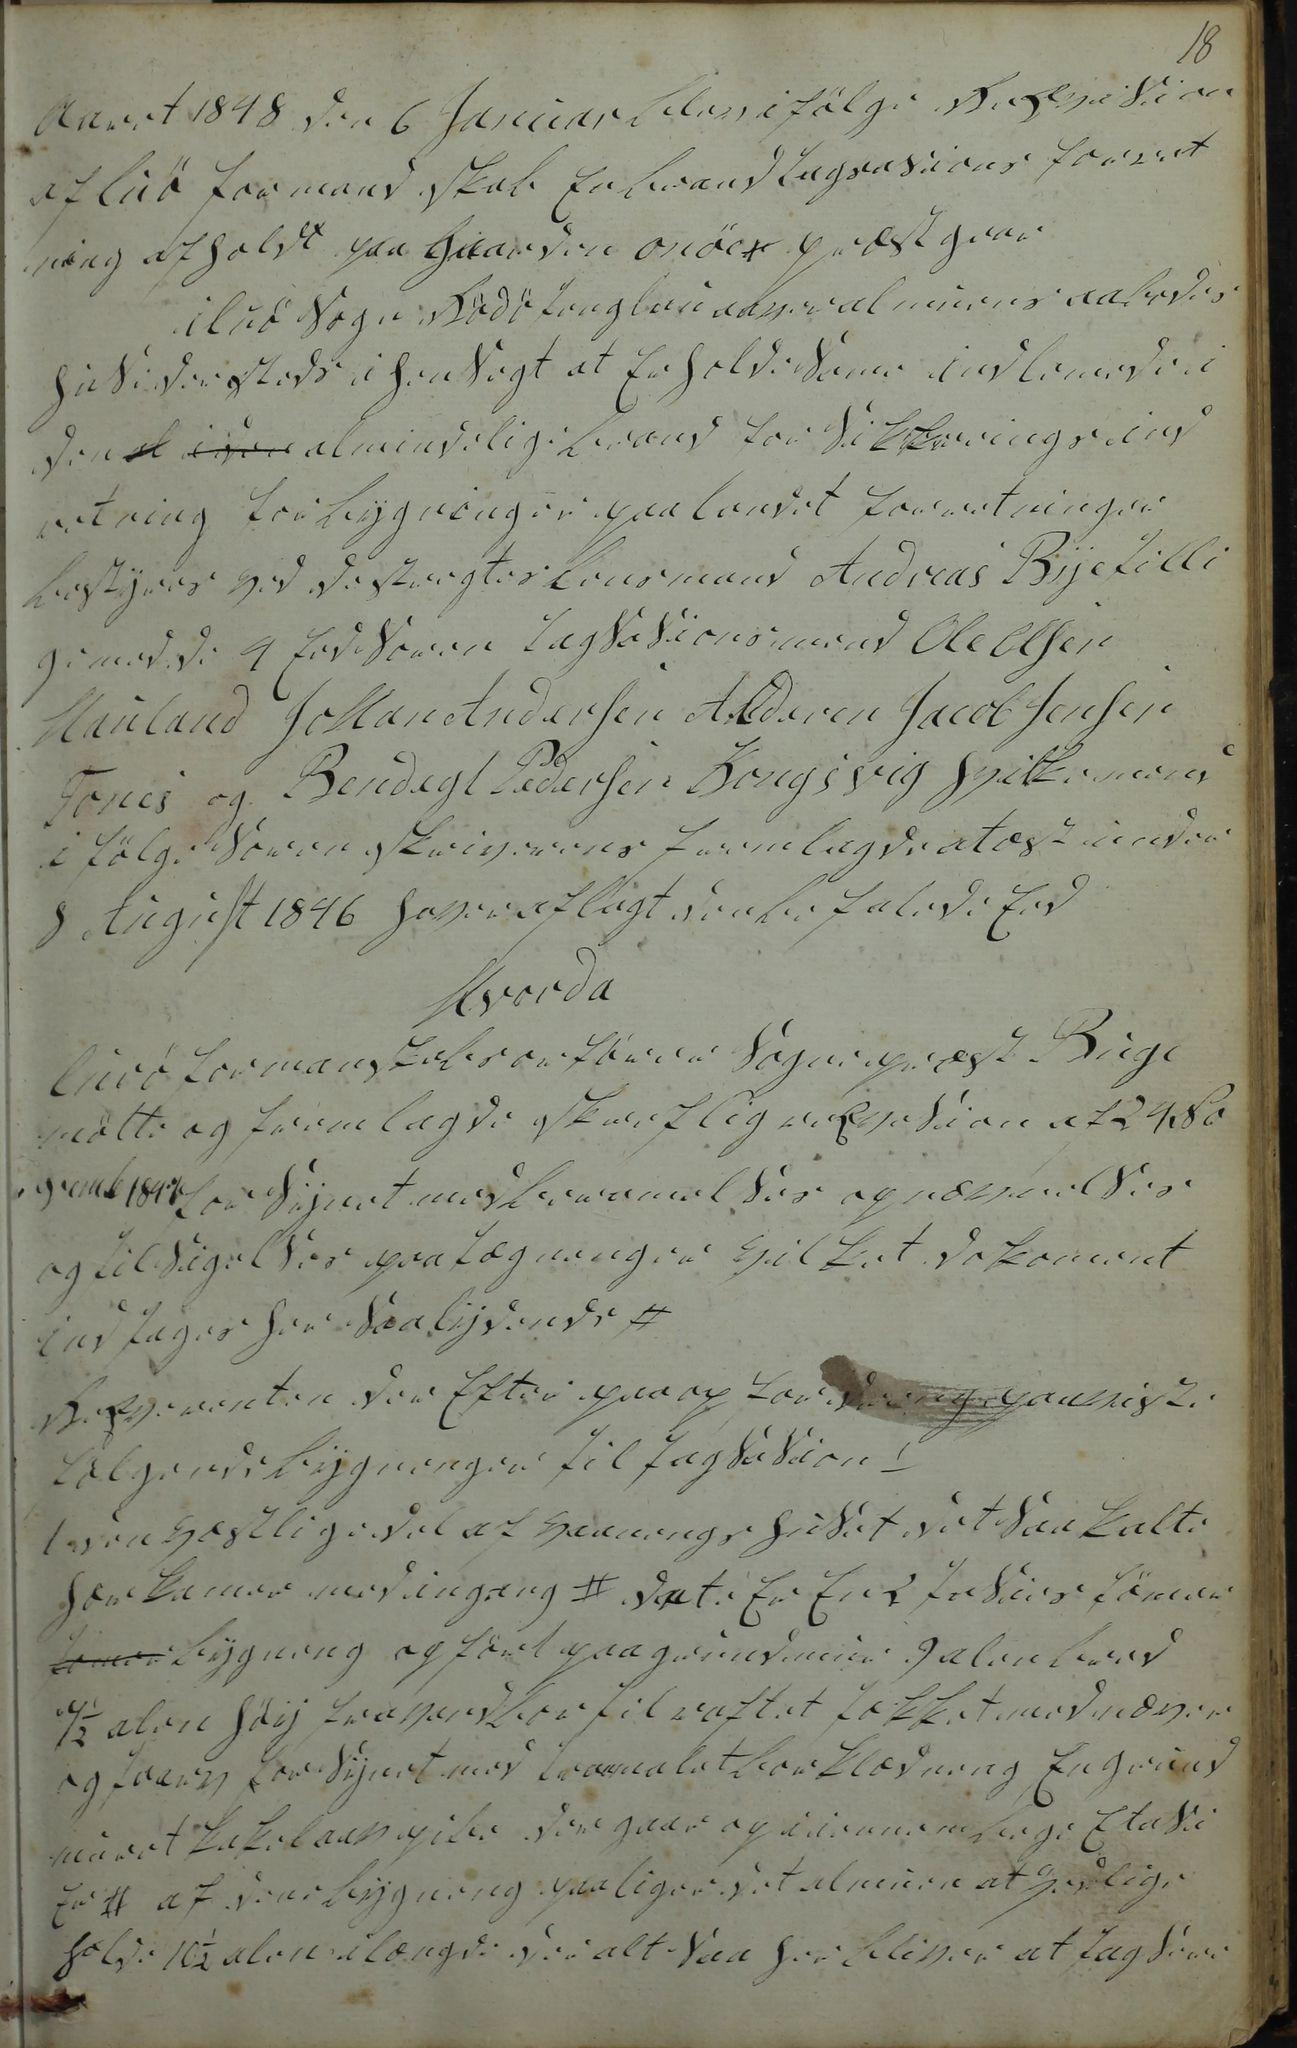 AIN, Lurøy kommune. Formannskapet, 100/L0001: Møtebok, 1836-1898, s. 18